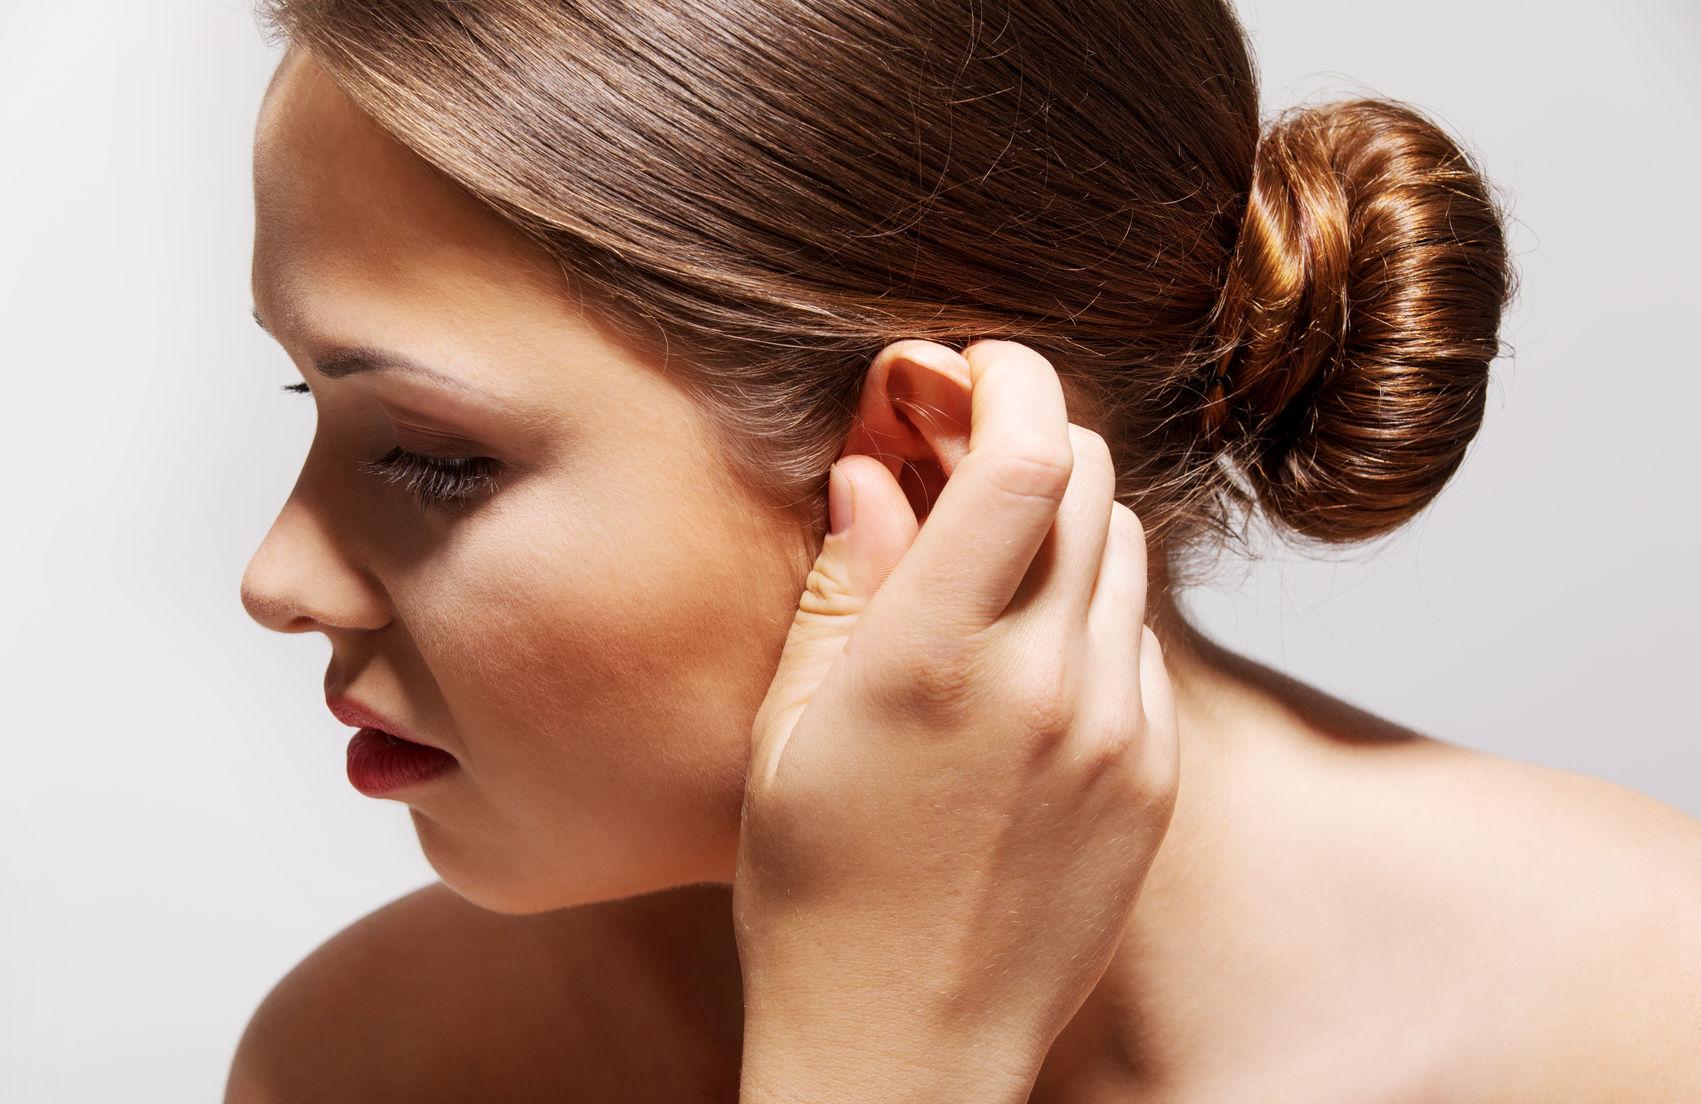 hogyan lehet meggyógyítani a fejbőr száraz bőrét vörös foltok az arcon vörösbor után.